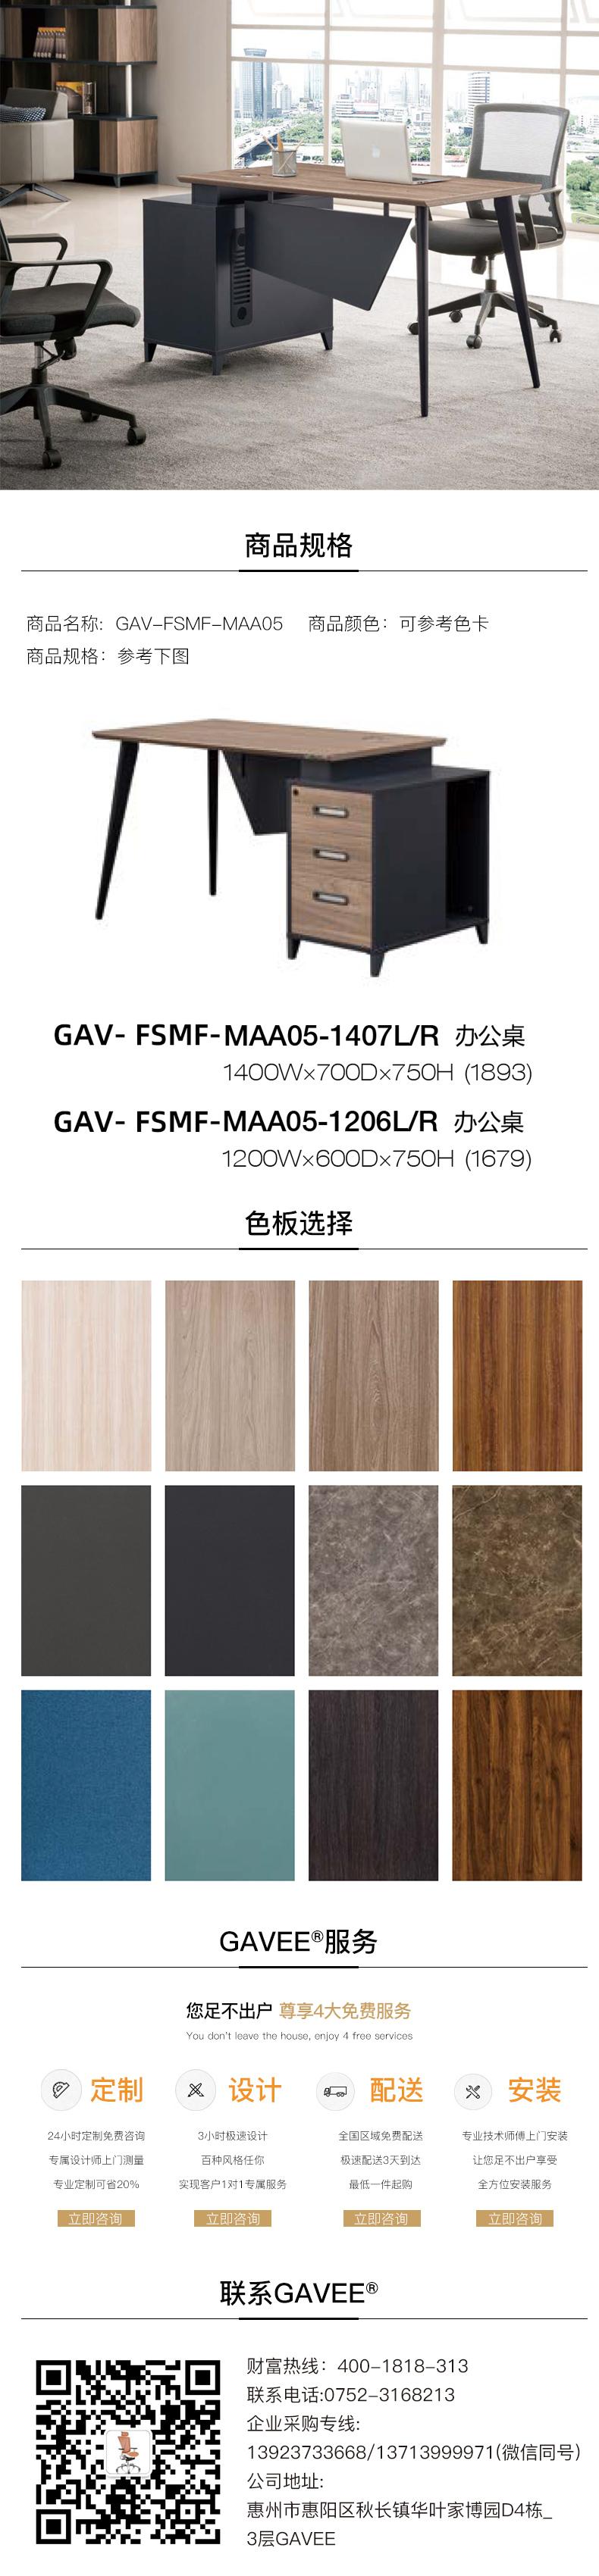 行政管理系統GAV-FSMF-MAA05.jpg